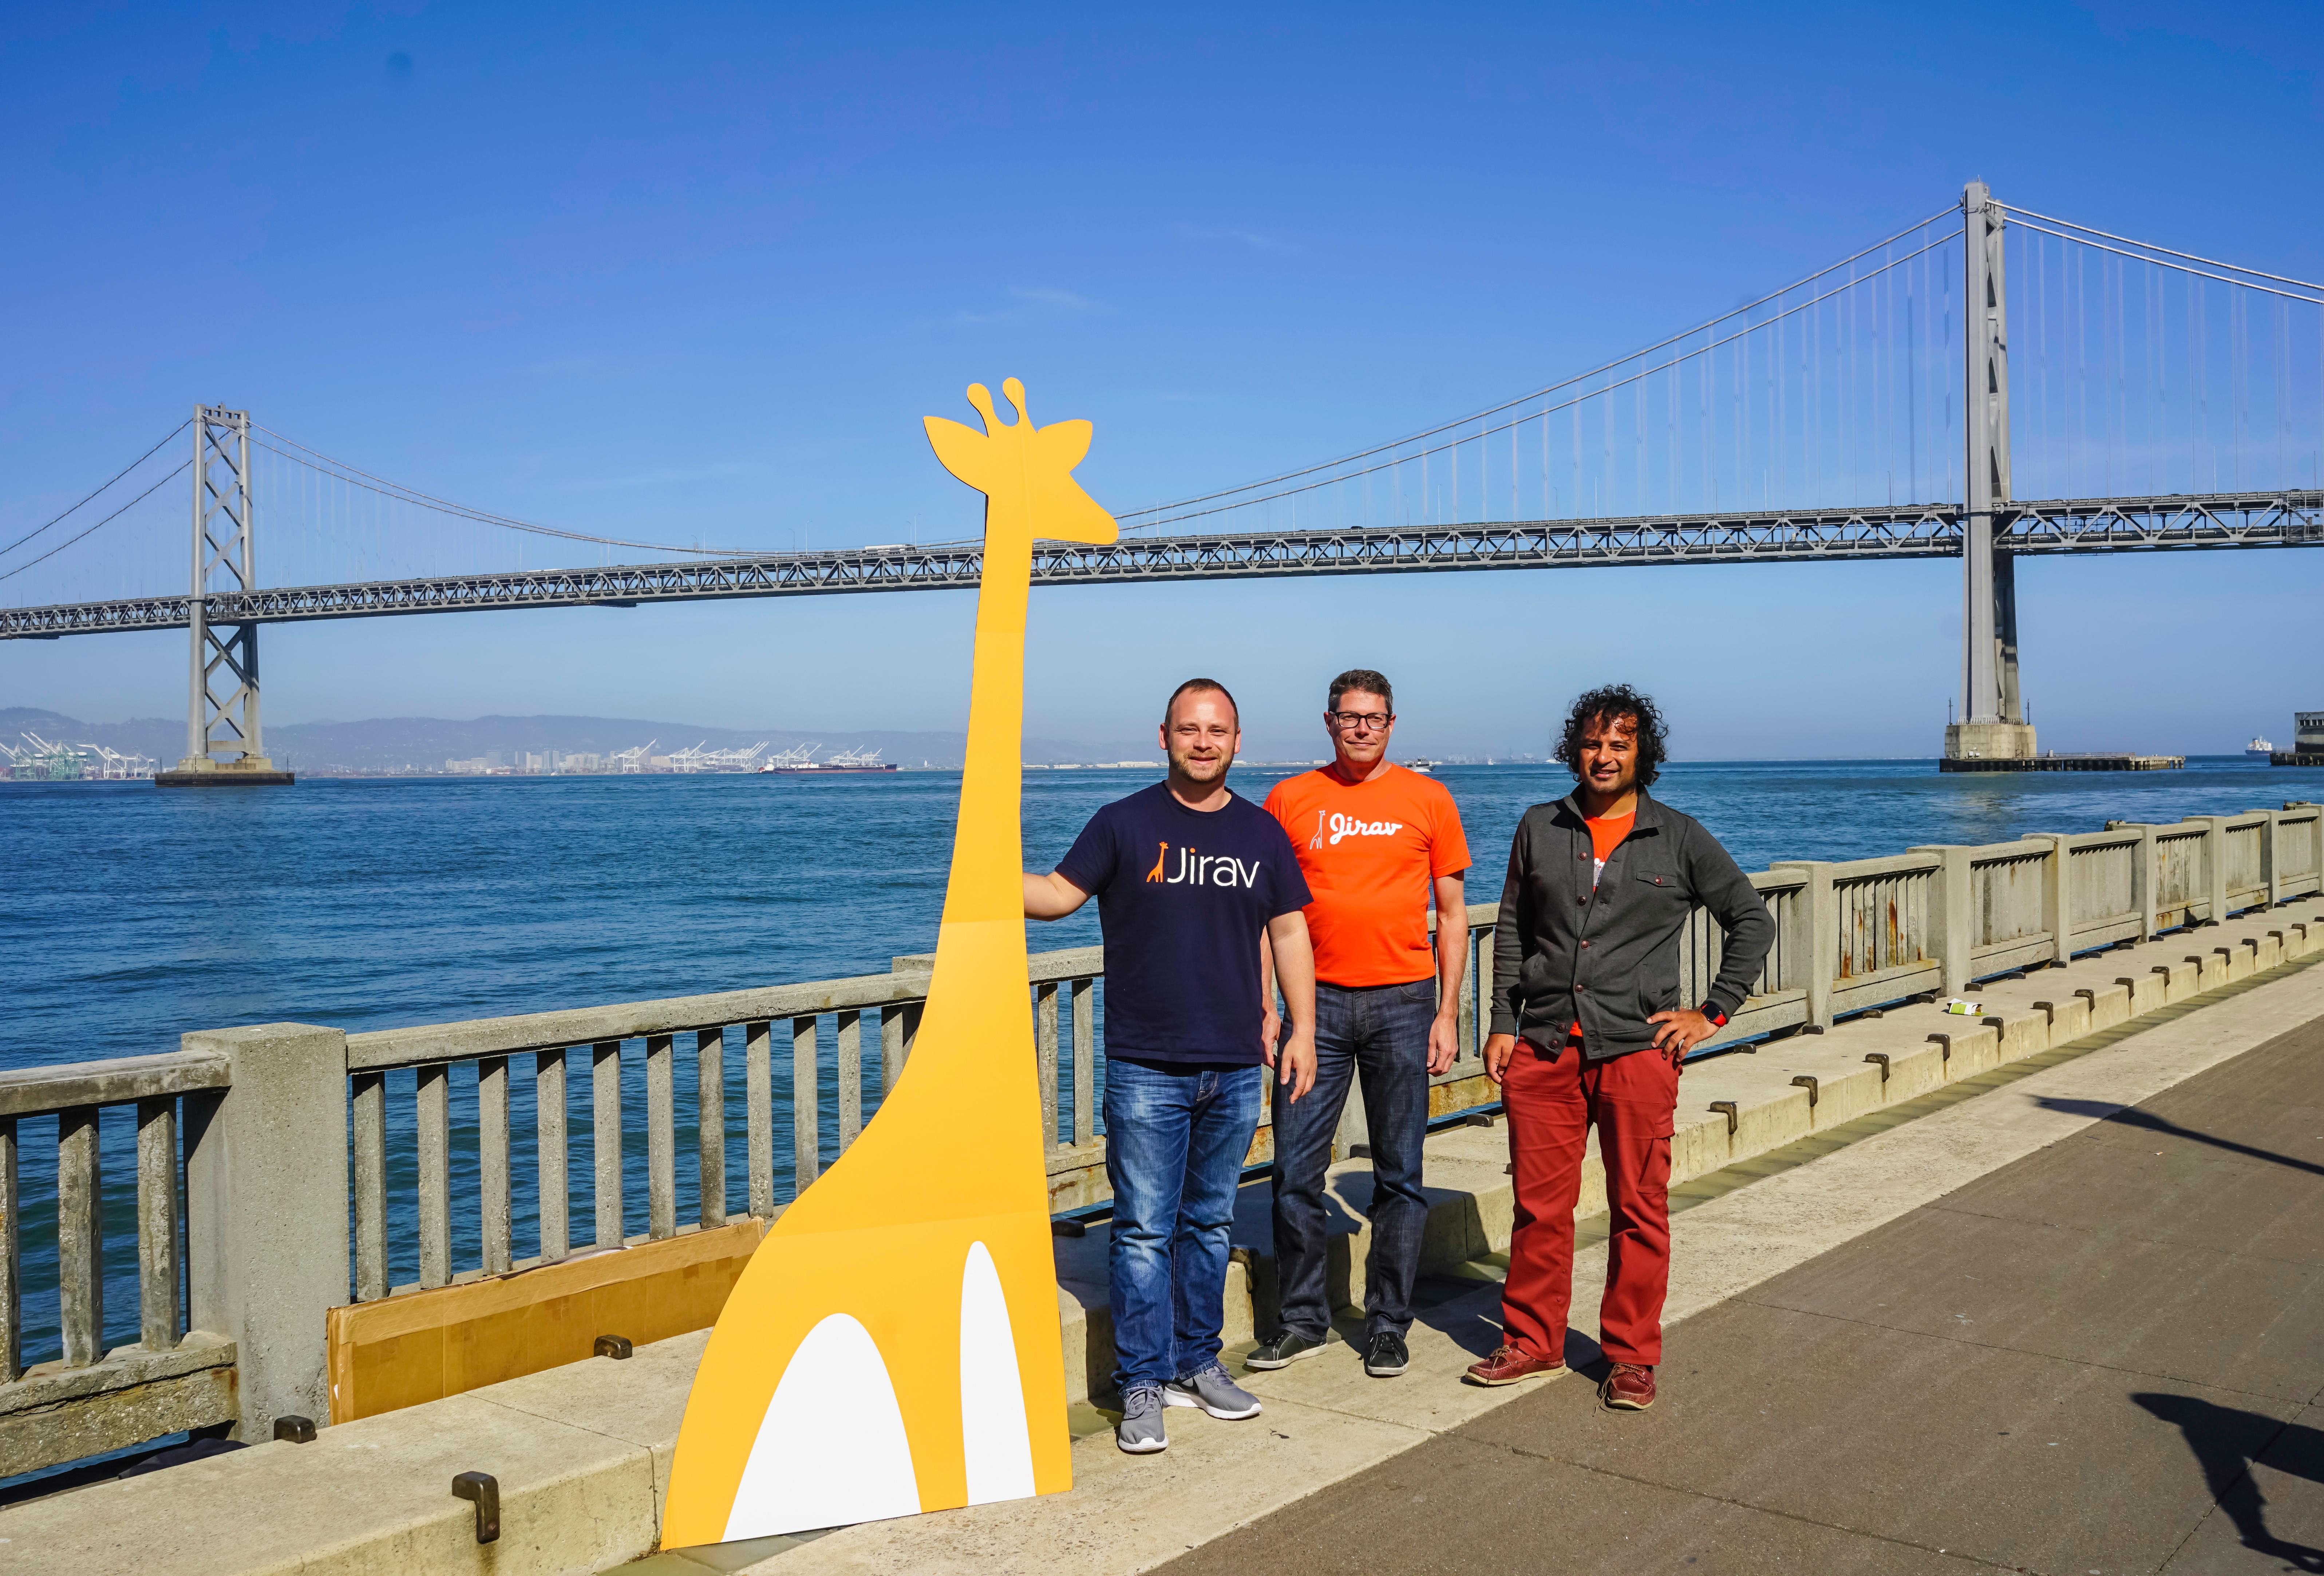 1705 Jirav Giraffe in SF-3.jpg